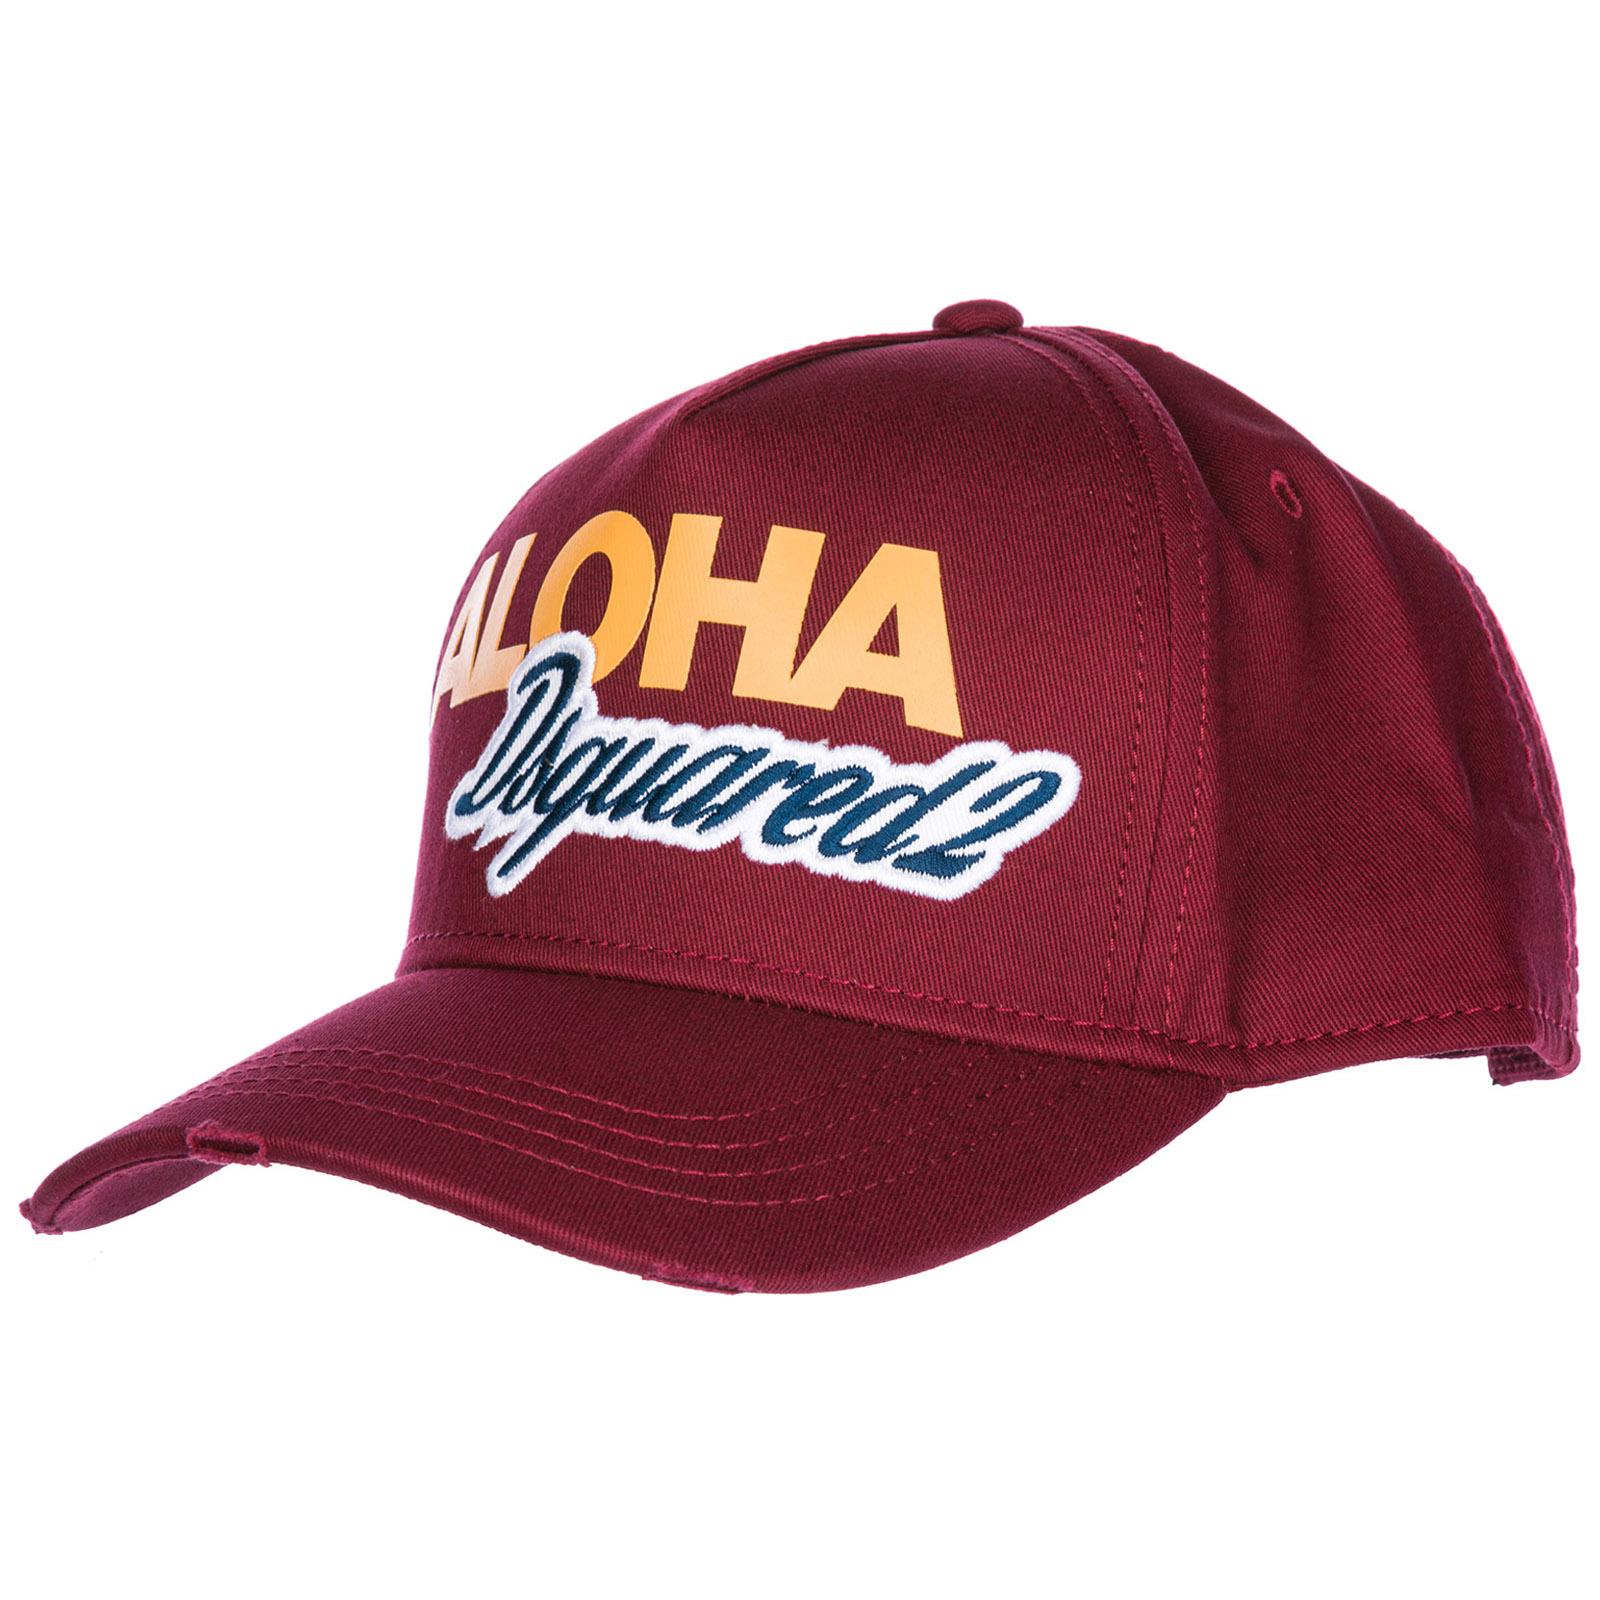 d86aaa0f3 Adjustable men's cotton hat baseball cap aloha baseball